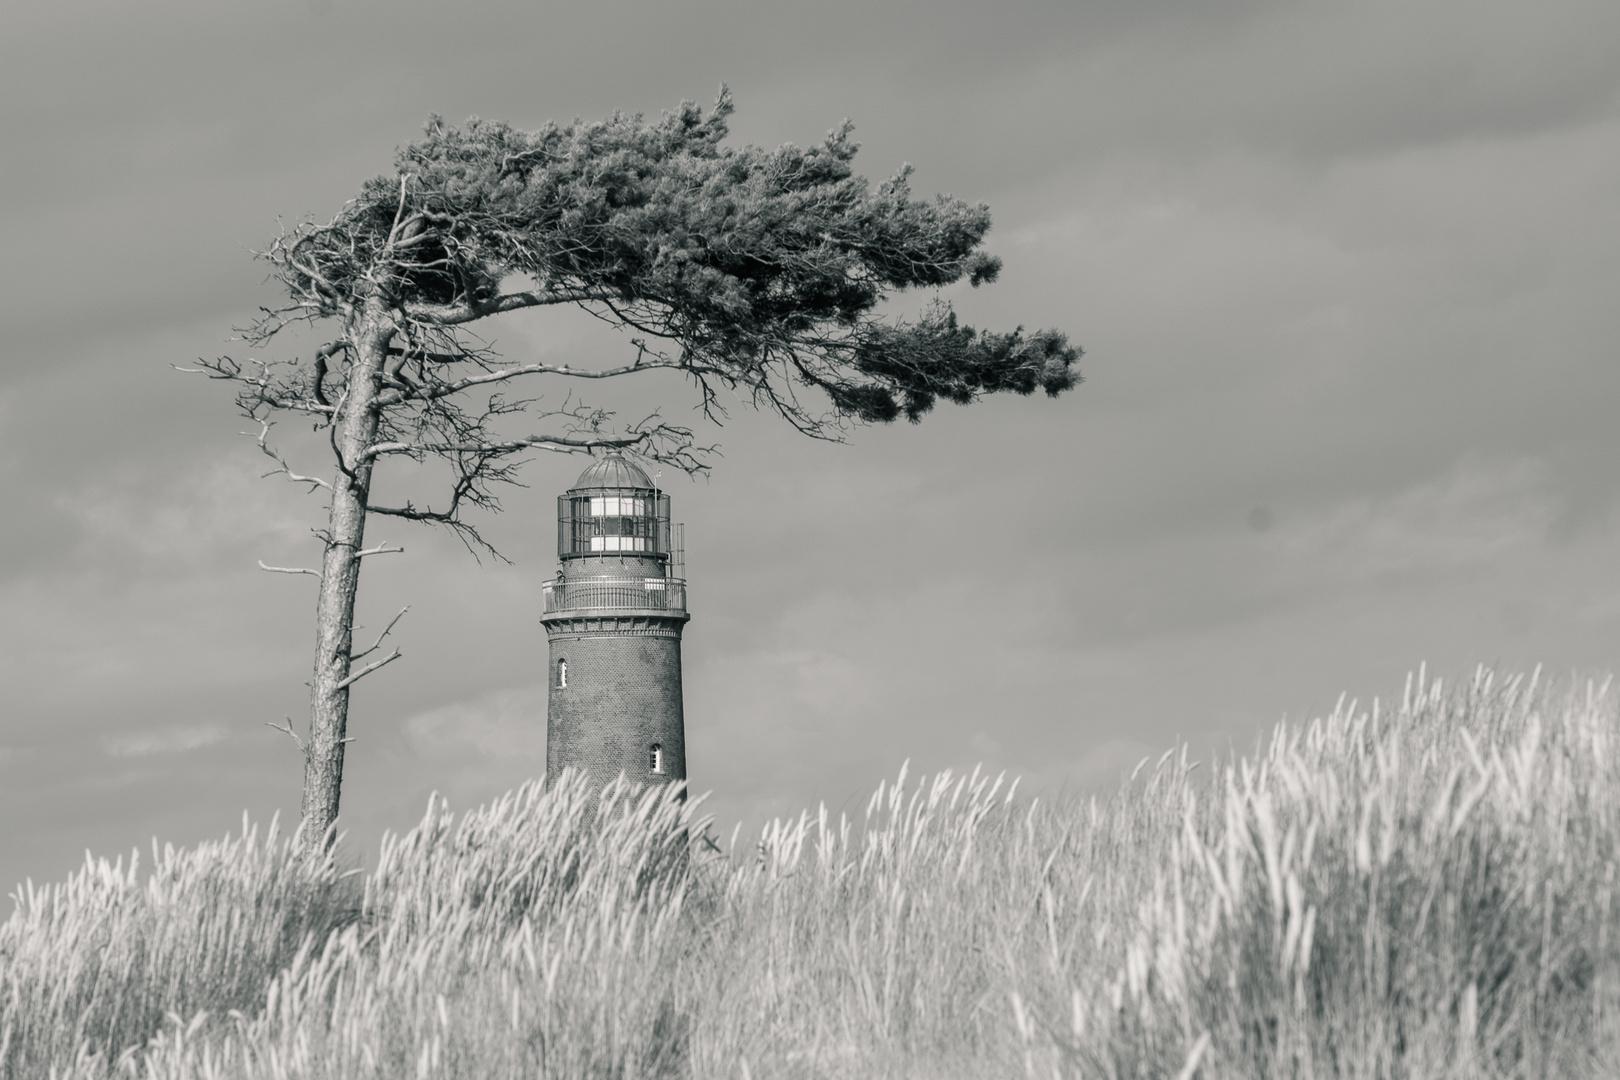 Windschutz für einen Leuchtturm?